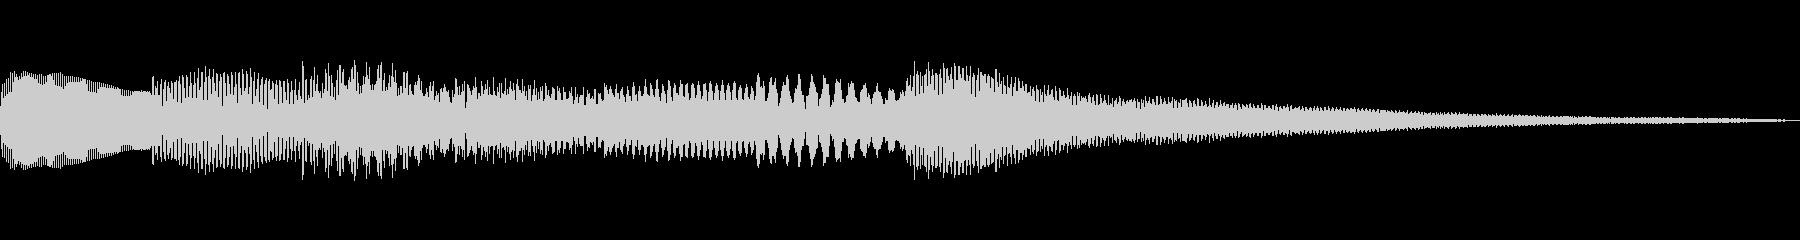 グレゴリア聖歌ぽい通知音 エスニックの未再生の波形